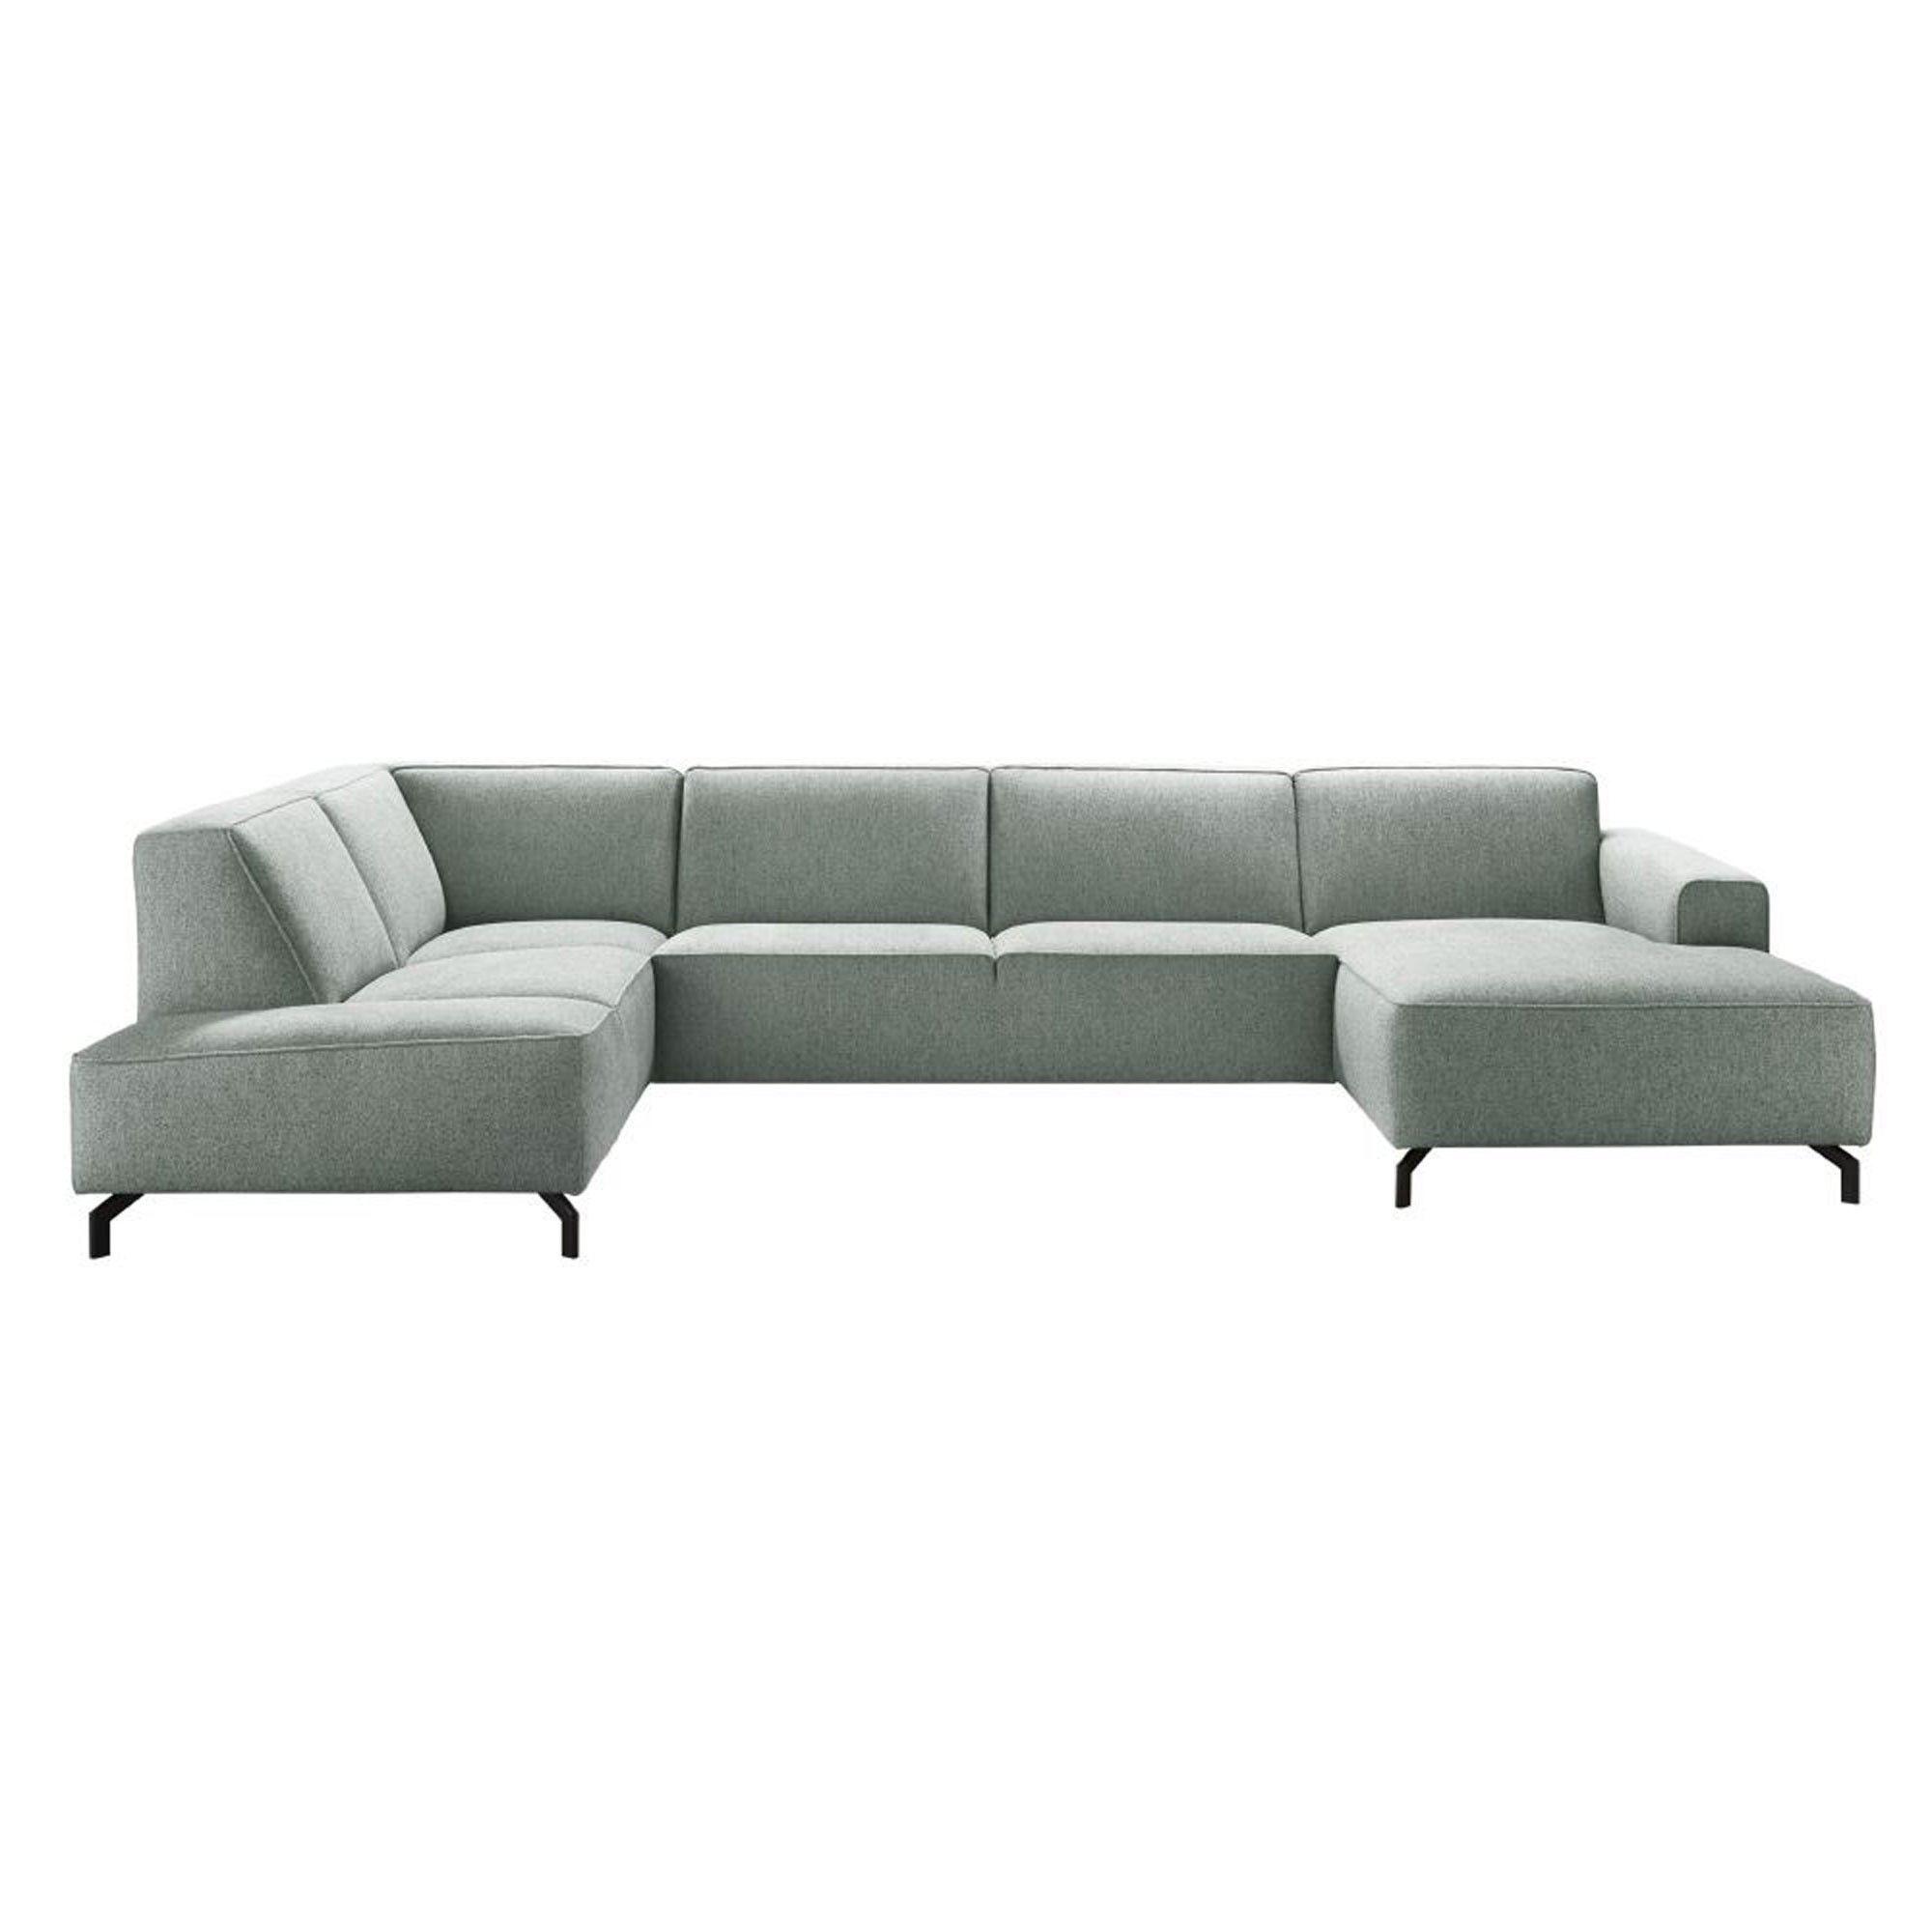 Hoekbank Sky Leer.In House Topia Sky Hoekbank 10280352 Woonkamer In 2019 Couch